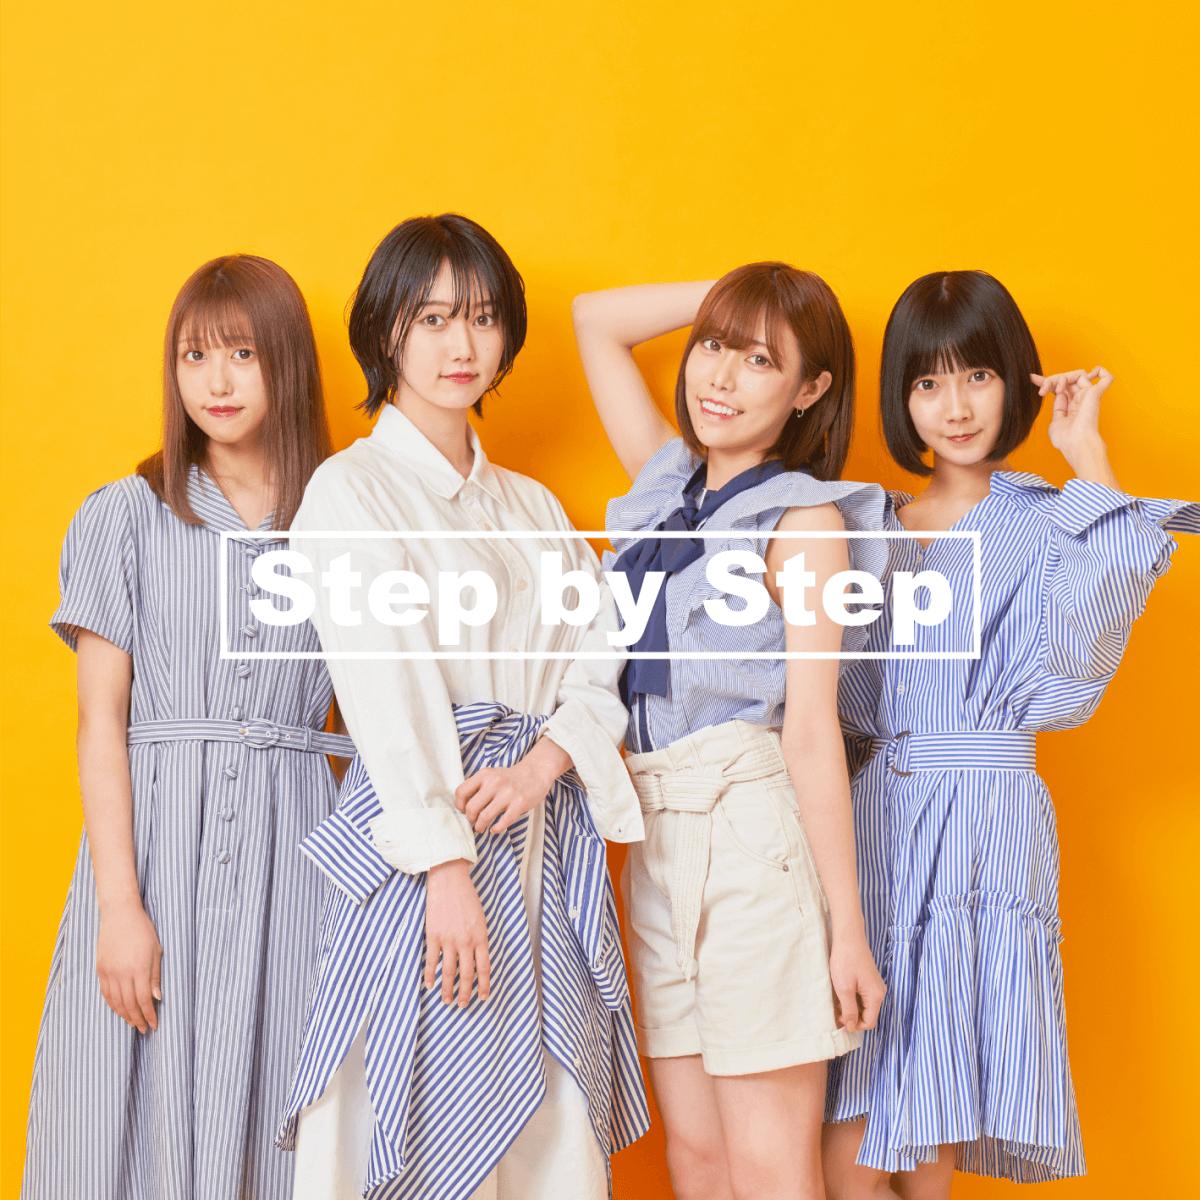 Step by Step JKc